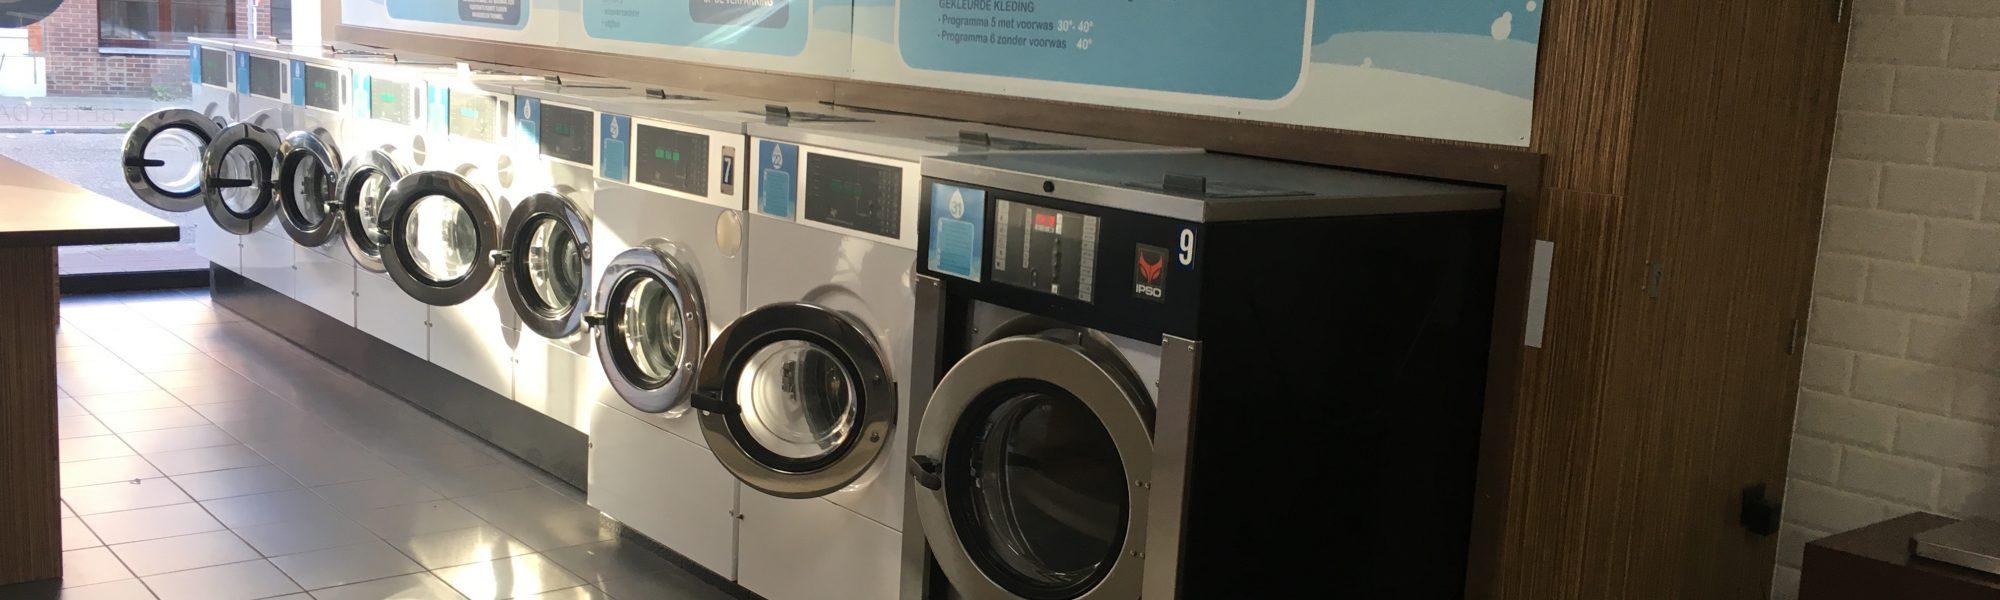 Vol-automatisch wassalon Best Wash